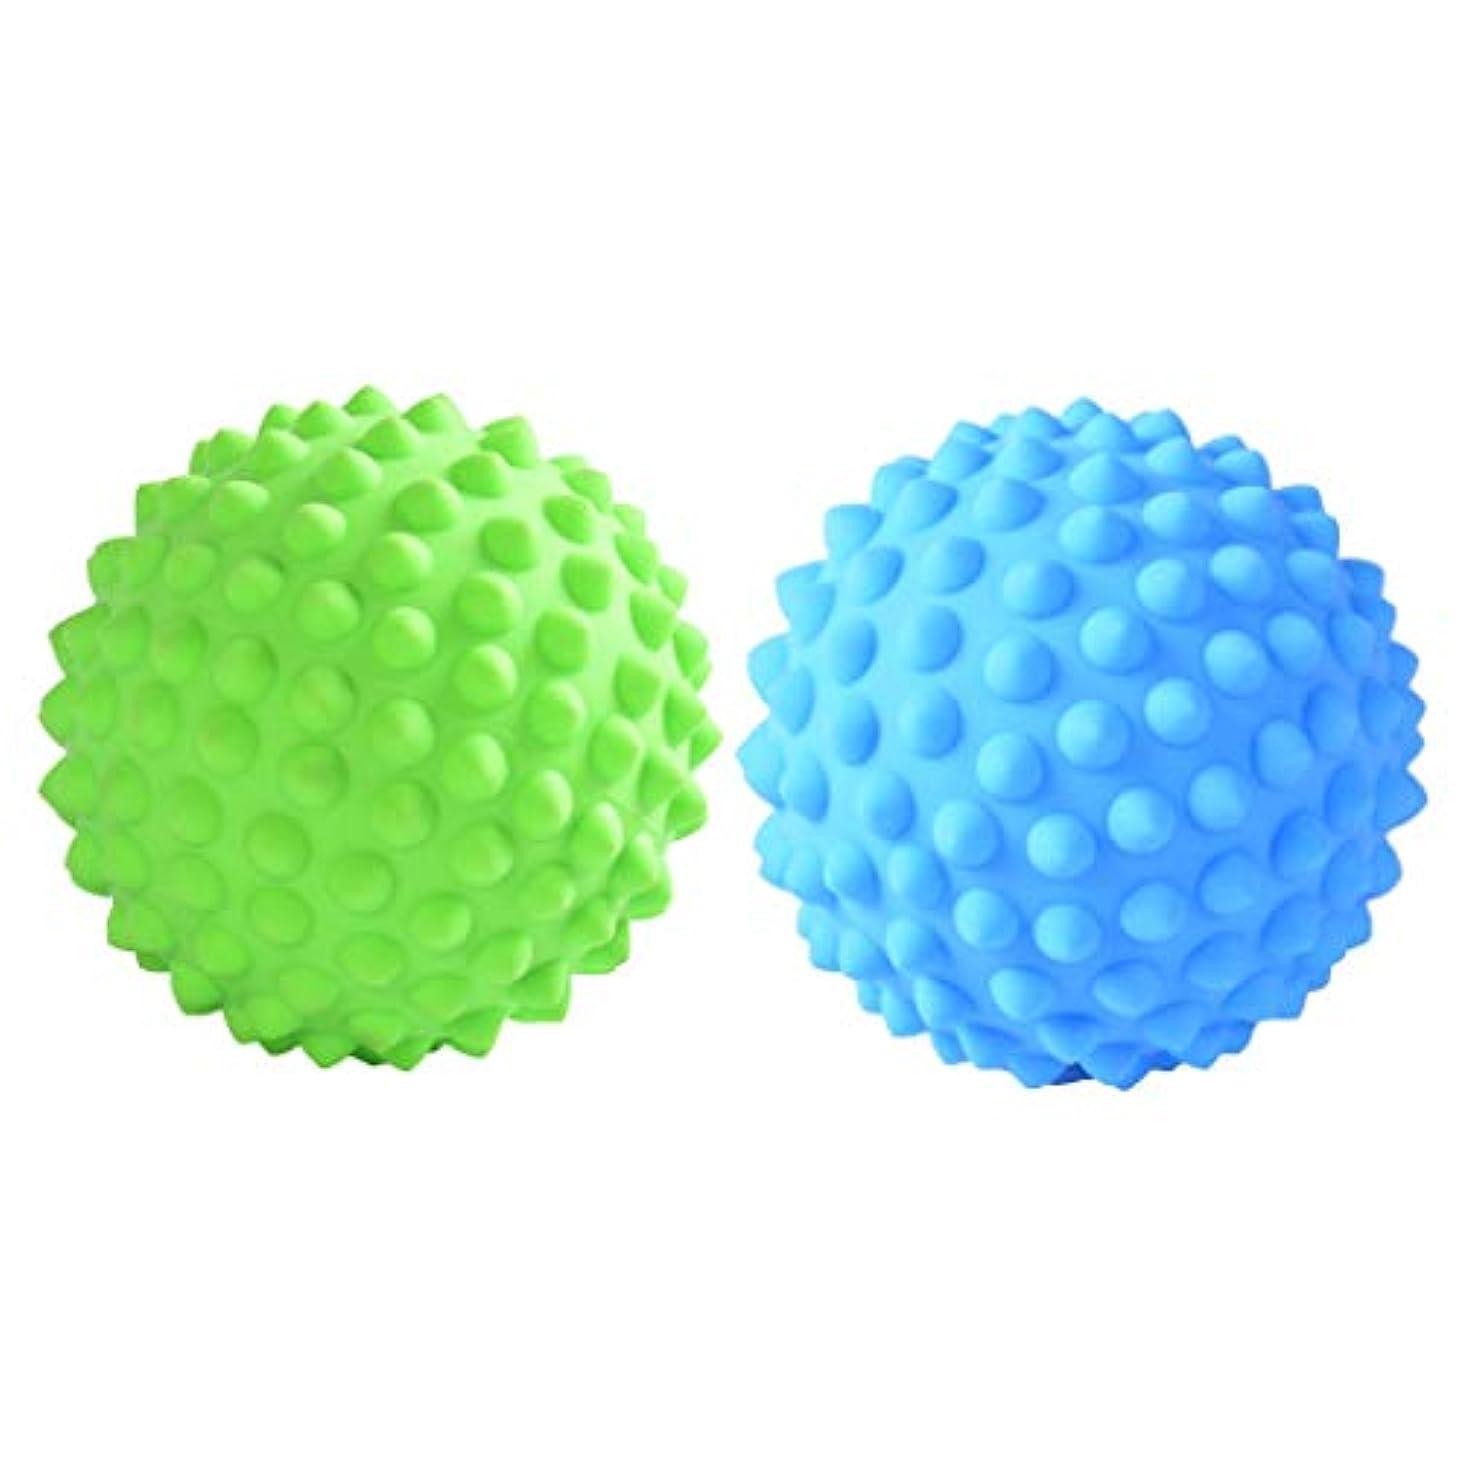 chiwanji マッサージローラーボール 指圧ボール トリガーポイント 疲れ解消ボール ヨガ 疲労軽減 2個入